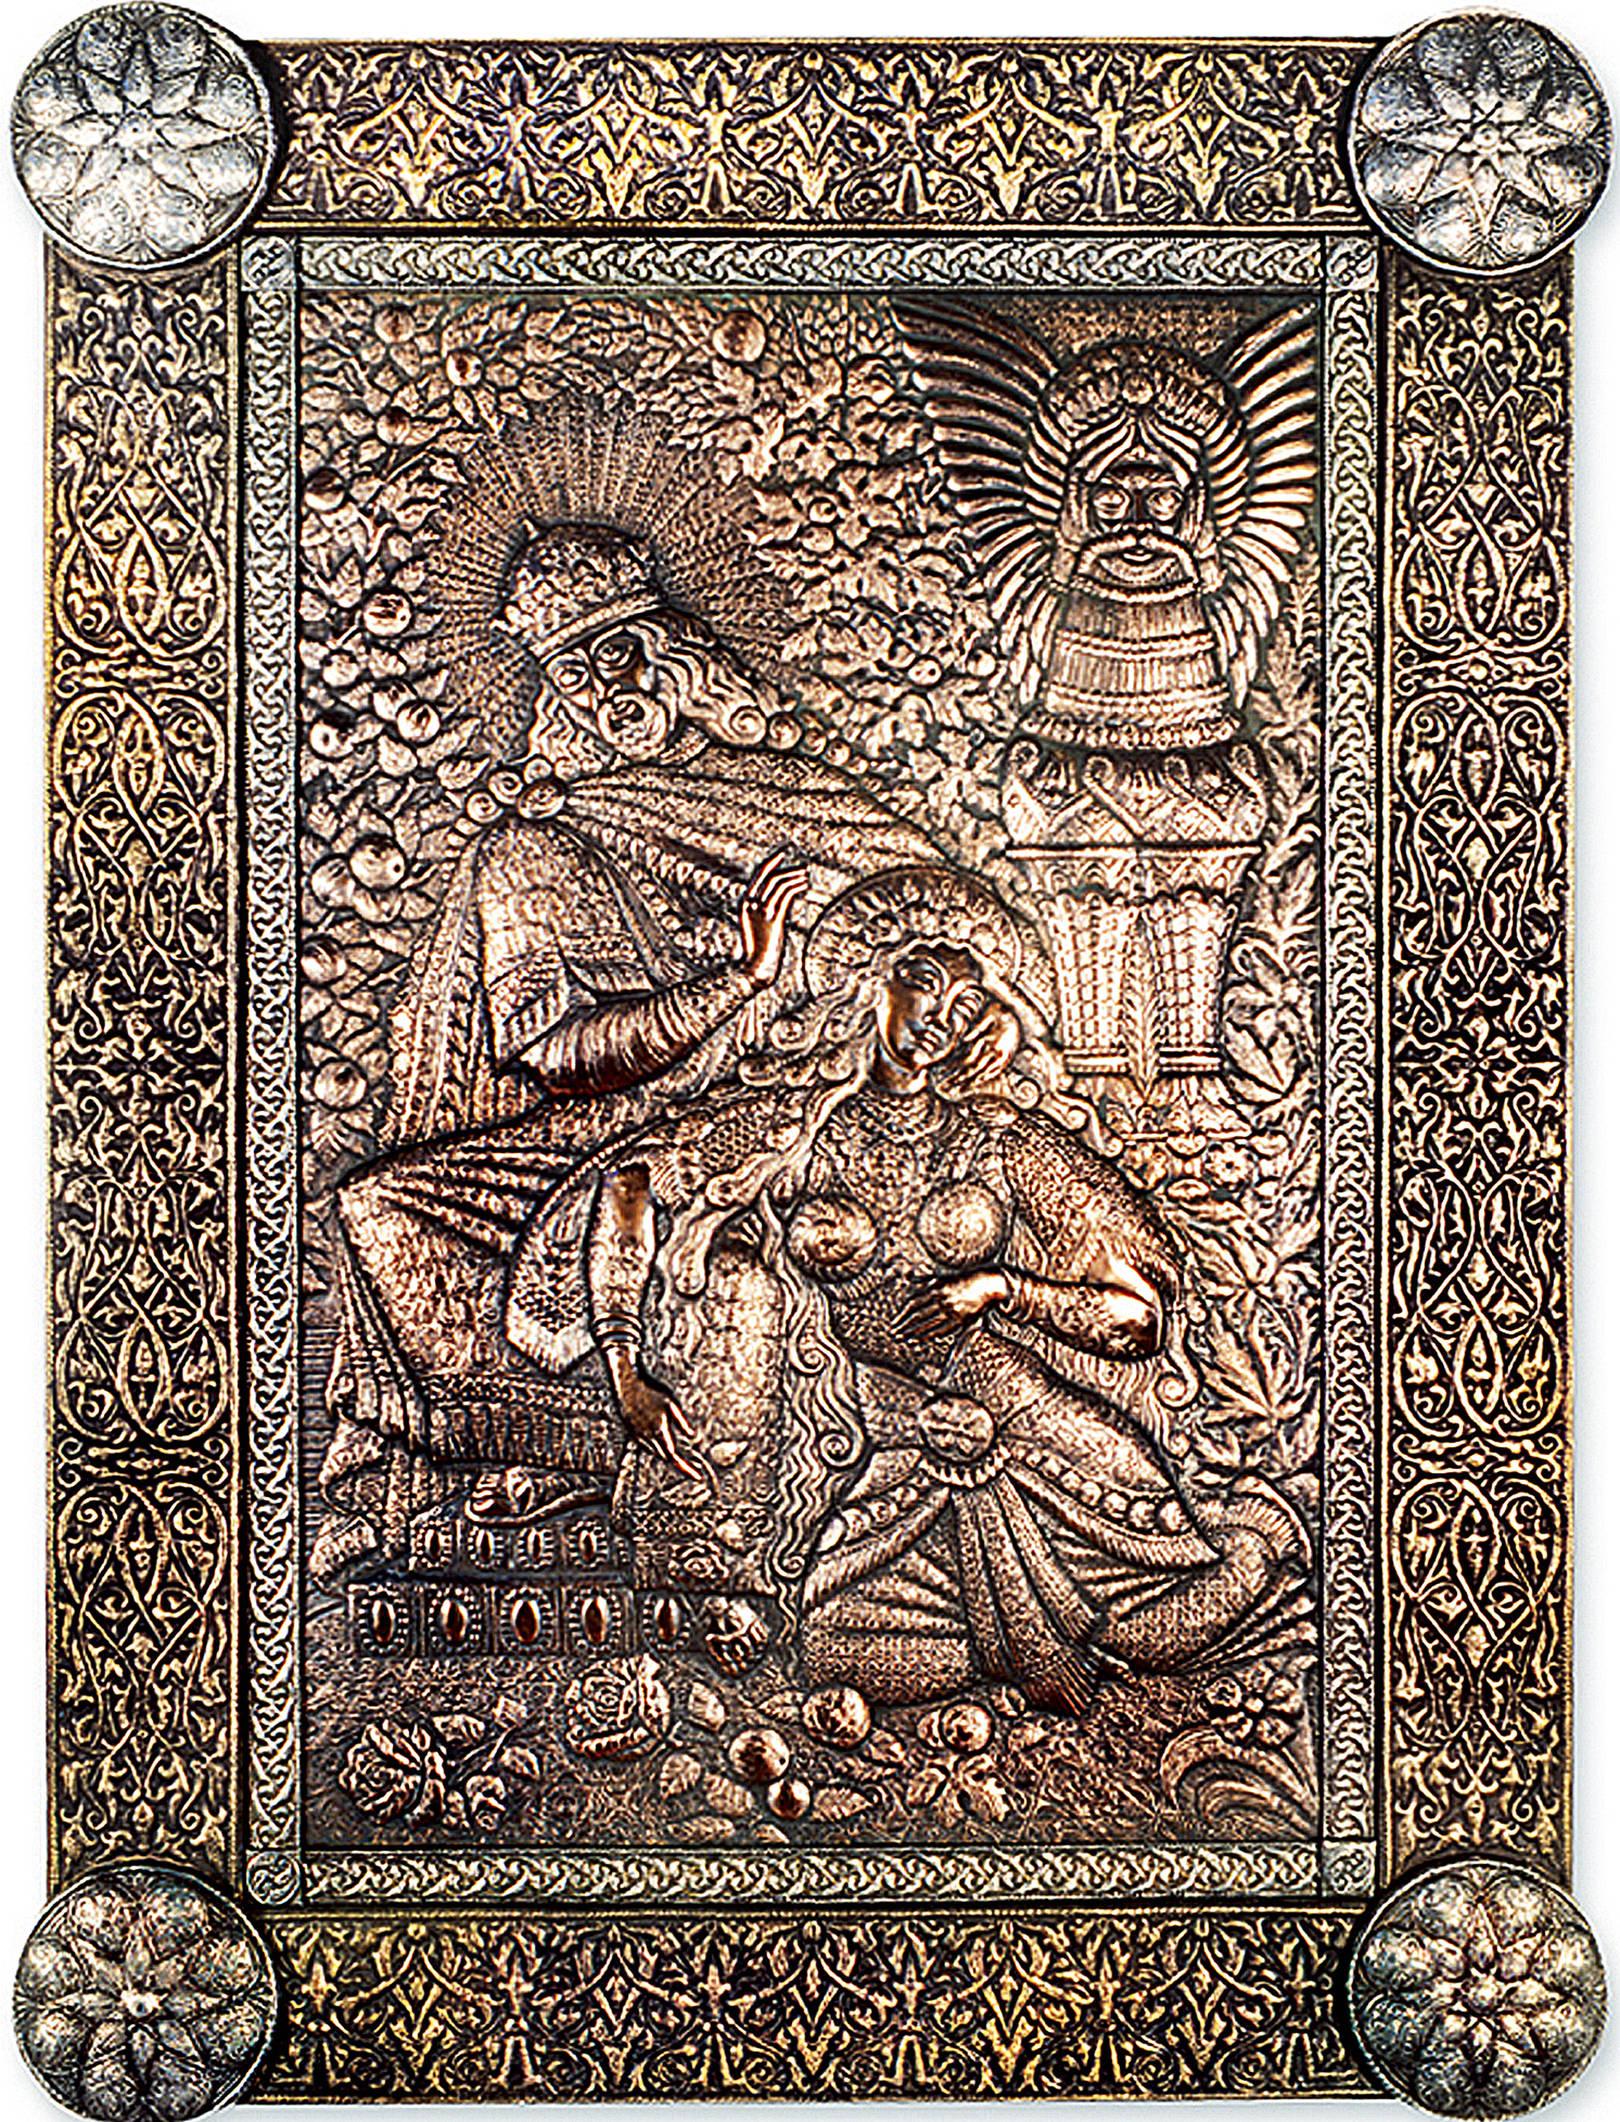 Песнь Песней Соломона   1994 г.                                                                                                     Медь, алюминий, латунь; чернение  135х106 см